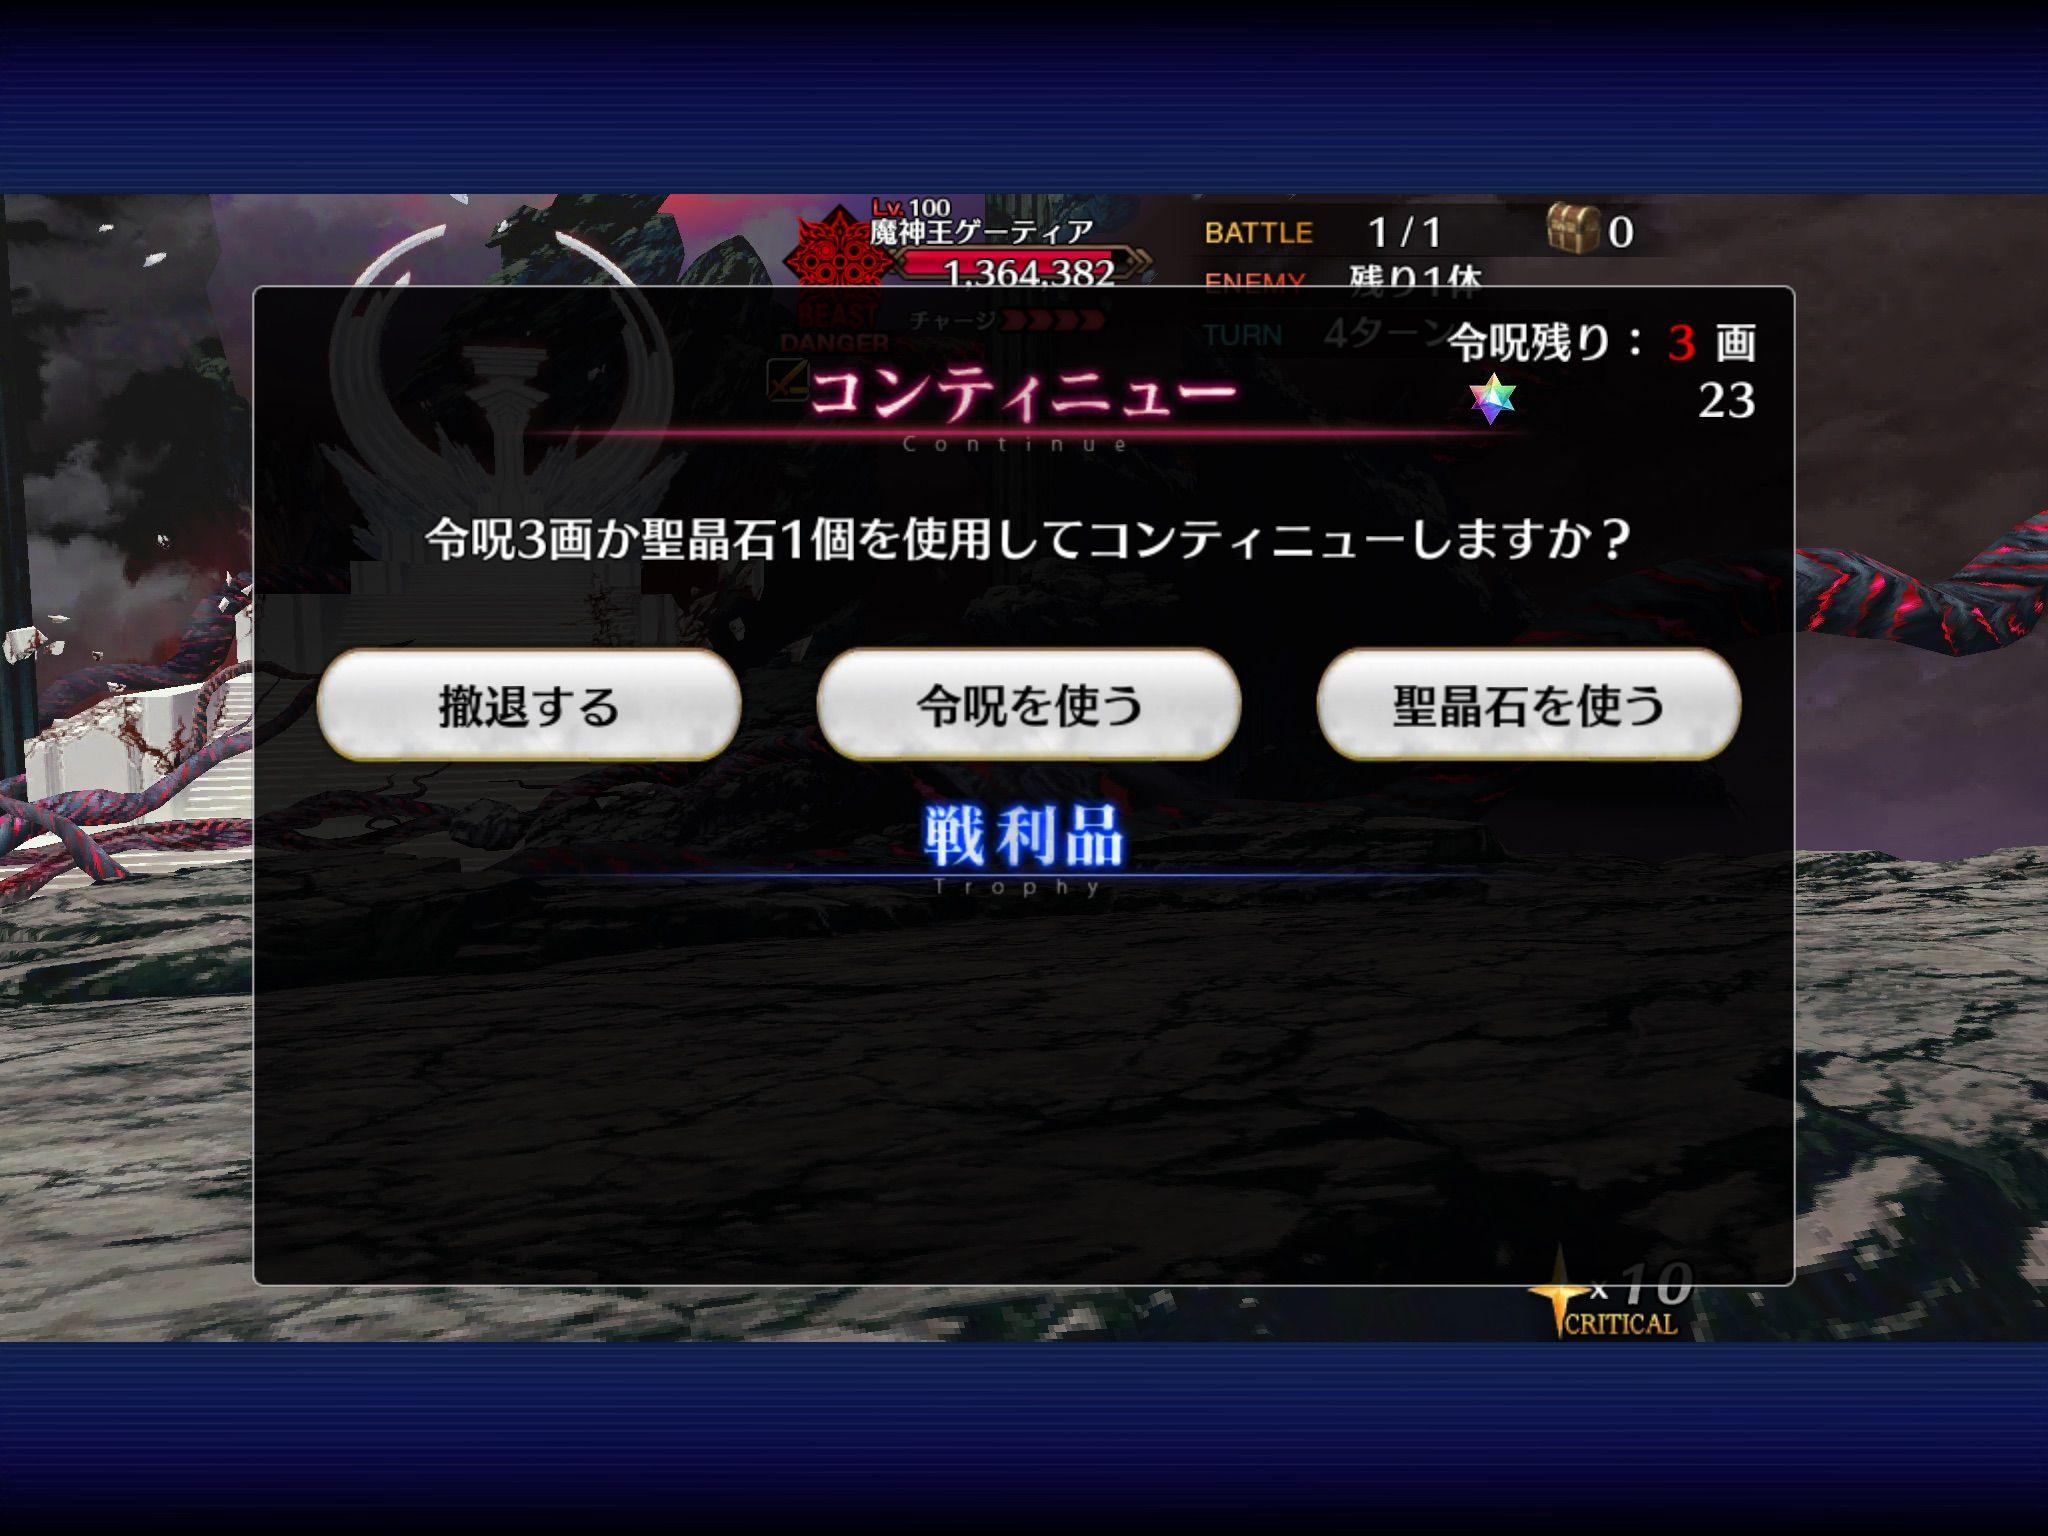 Fate Grand Order 最終章 世界の終わりで 誰だよ を叫ぶもの ヤマカム